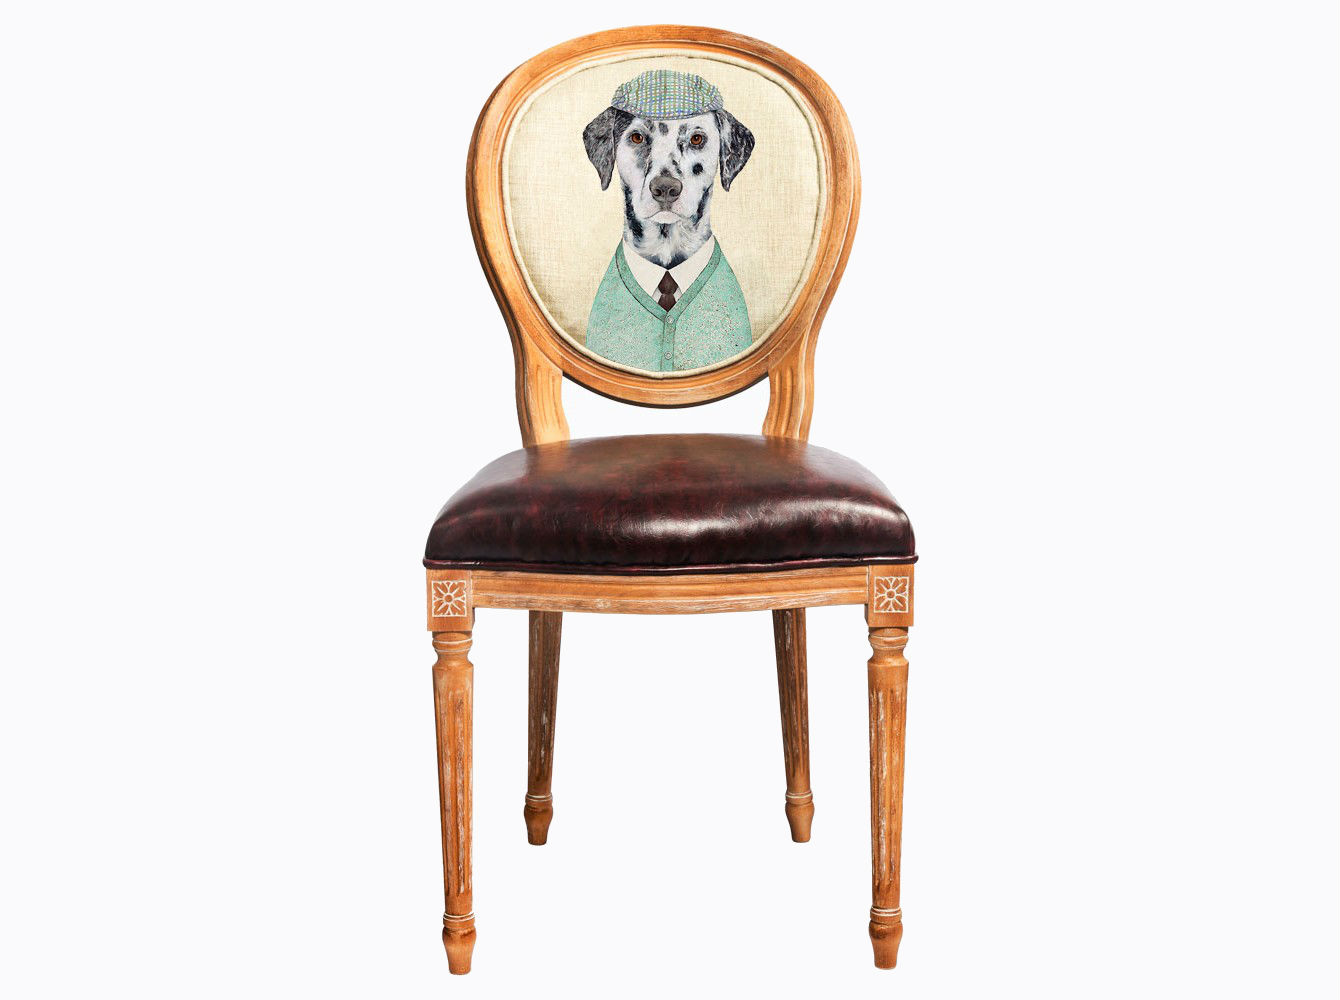 Стул «Мистер Твистер»Обеденные стулья<br>Погружаясь в увлекательный сценарий интерьерного театра, не забывайте о практичности и долговечности Вашей мебели. Корпус стула &amp;quot;Мистер Твистер&amp;quot; изготовлен из натурального бука, древесина которого отличается крепостью и твёрдостью. Обивка спинки оснащена тефлоновым покрытием против пятен. Сиденье, укрепленное подвеской из эластичных ремней, обладает прочностью и истинным комфортом. Стул &amp;quot;Мистер Твистер&amp;quot; - универсальное, но отборное решение гостиной, столовой, спальни, кабинета, холла и детской комнаты.<br>Корпус стула изготовлен из натурального бука. Среди европейских пород бук считается самым прочным и долговечным материалом. В дизайне &amp;quot;Мистер Твистер&amp;quot; резьба играет ведущую роль: стул обильно украшен изящным цветочным узором, желобками и кольцами, выточенными с ювелирной меткостью.<br>Дизайн стула создан эффектом экстравагантных контрастных сочетаний. Блестящее шоколадное сиденье объединилось со светло-бежевой льняной спинкой, а королевский силуэт эпохи Луи-Филиппа - с рисунком в жанре современного фэнтези.<br>Приобретая такую модель, можно быть уверенными в её эклектичном единстве с роскошным &amp;quot;ренессансом&amp;quot; и изнеженным &amp;quot;ампиром&amp;quot;, аскетичным &amp;quot;модерном&amp;quot; и салонным &amp;quot;ар-деко&amp;quot;.&amp;lt;div&amp;gt;&amp;lt;br&amp;gt;&amp;lt;/div&amp;gt;&amp;lt;div&amp;gt;&amp;lt;span style=&amp;quot;line-height: 24.9999px;&amp;quot;&amp;gt;Материал обивки: экокожа.&amp;lt;/span&amp;gt;&amp;lt;br&amp;gt;&amp;lt;/div&amp;gt;<br><br>Material: Дерево<br>Width см: 47<br>Depth см: 50<br>Height см: 98